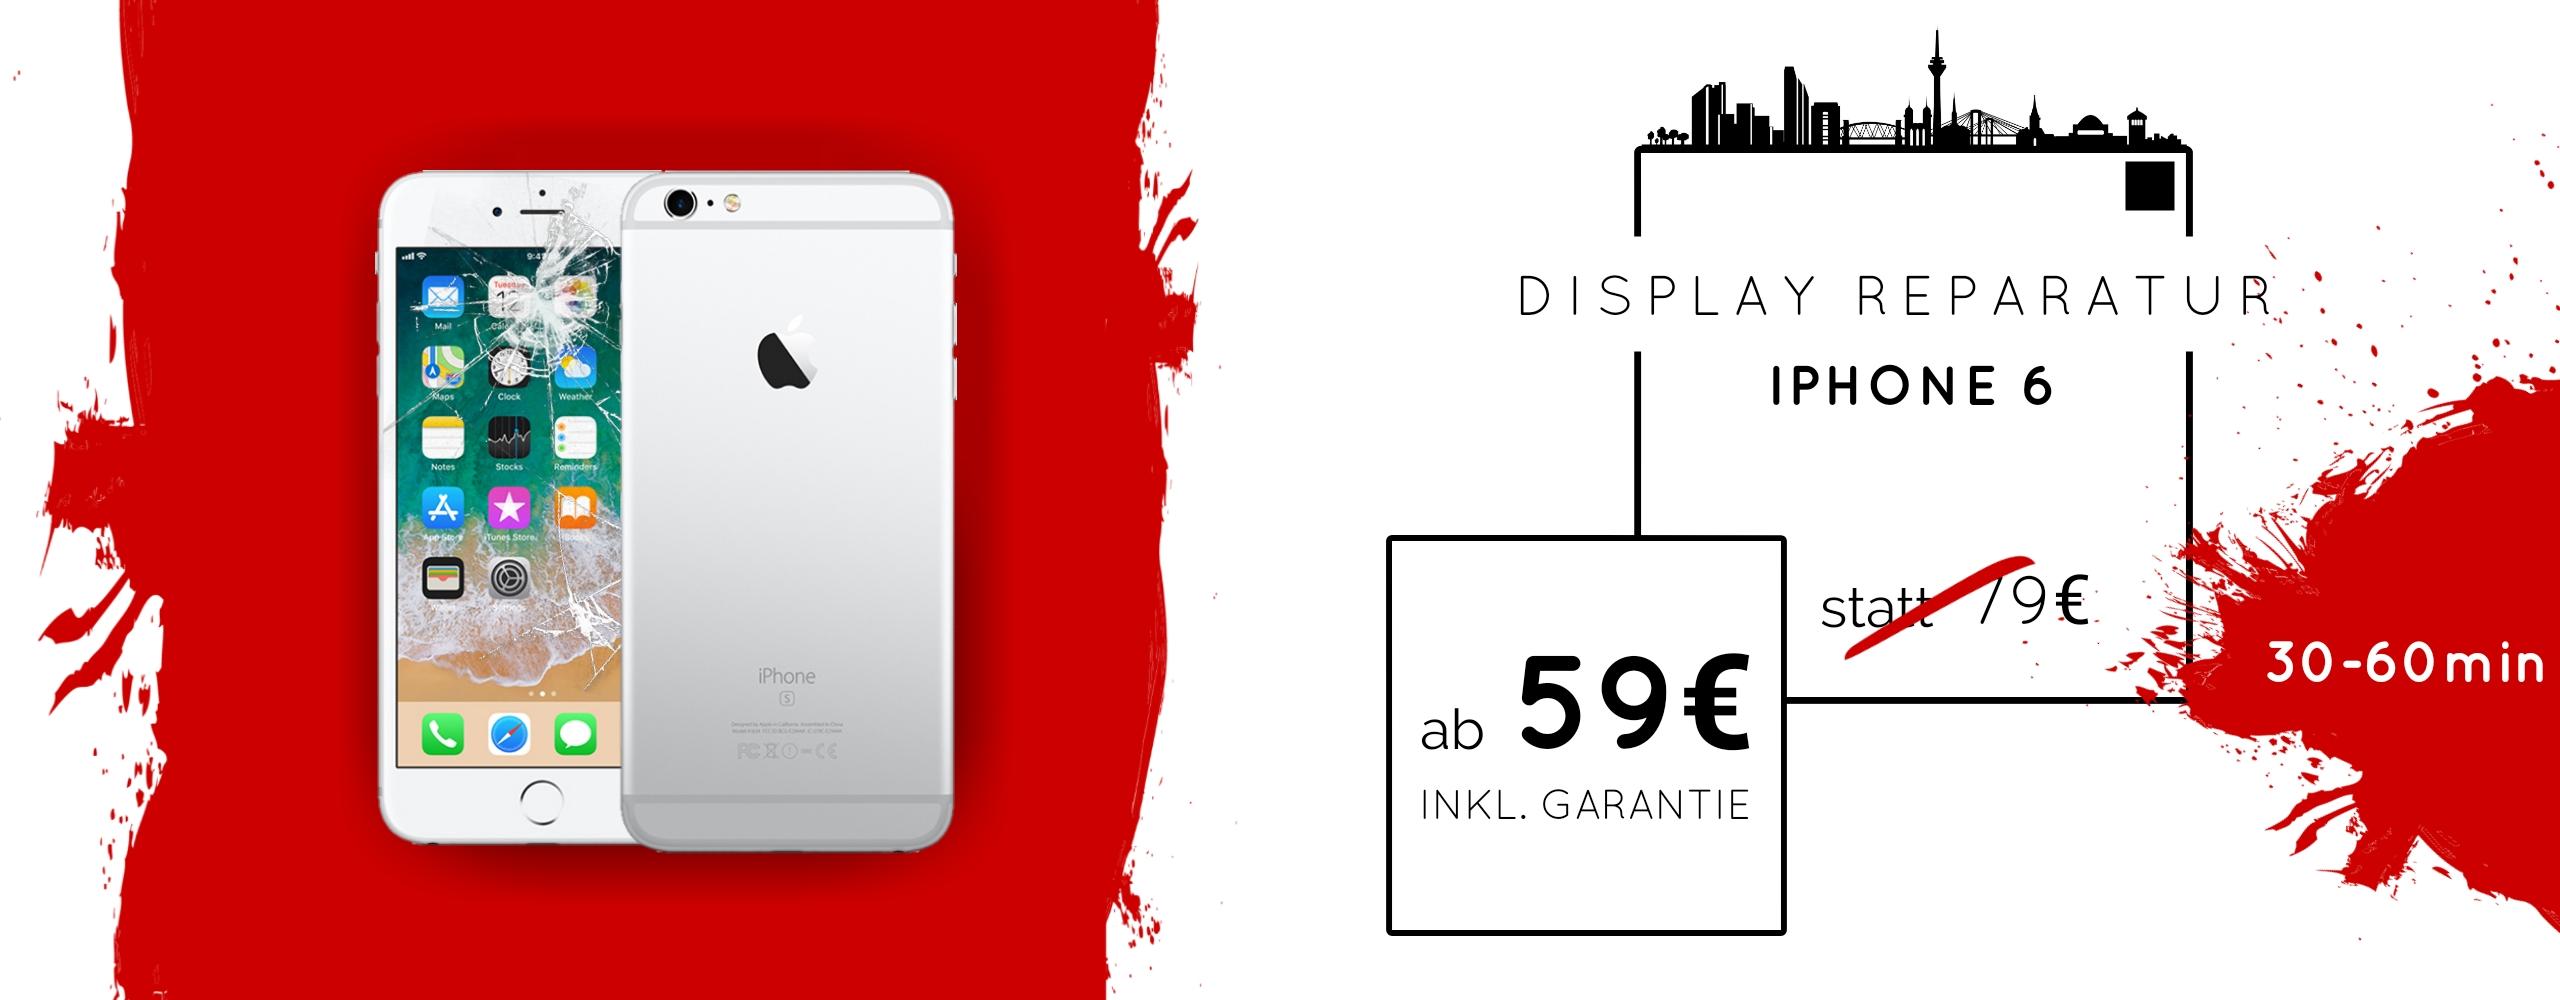 Smartphone Apple iPhone 6 Display Gals Reparatur Austausch